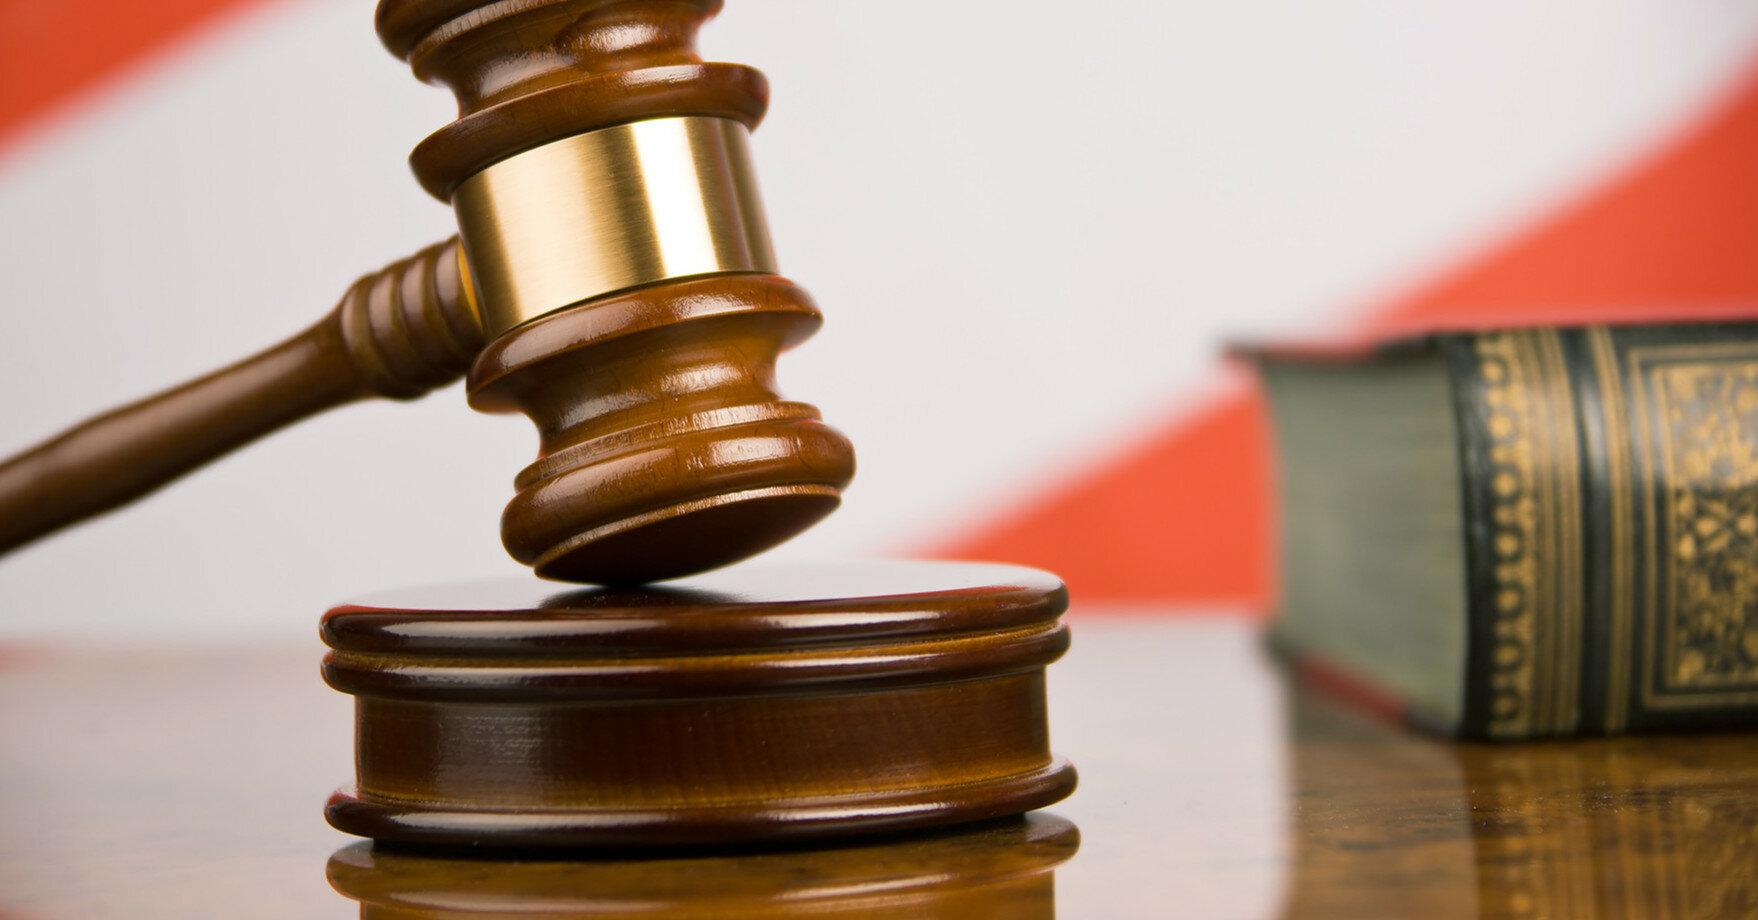 В Китае суд приговорил канадца к 11 годам тюрьмы за шпионаж